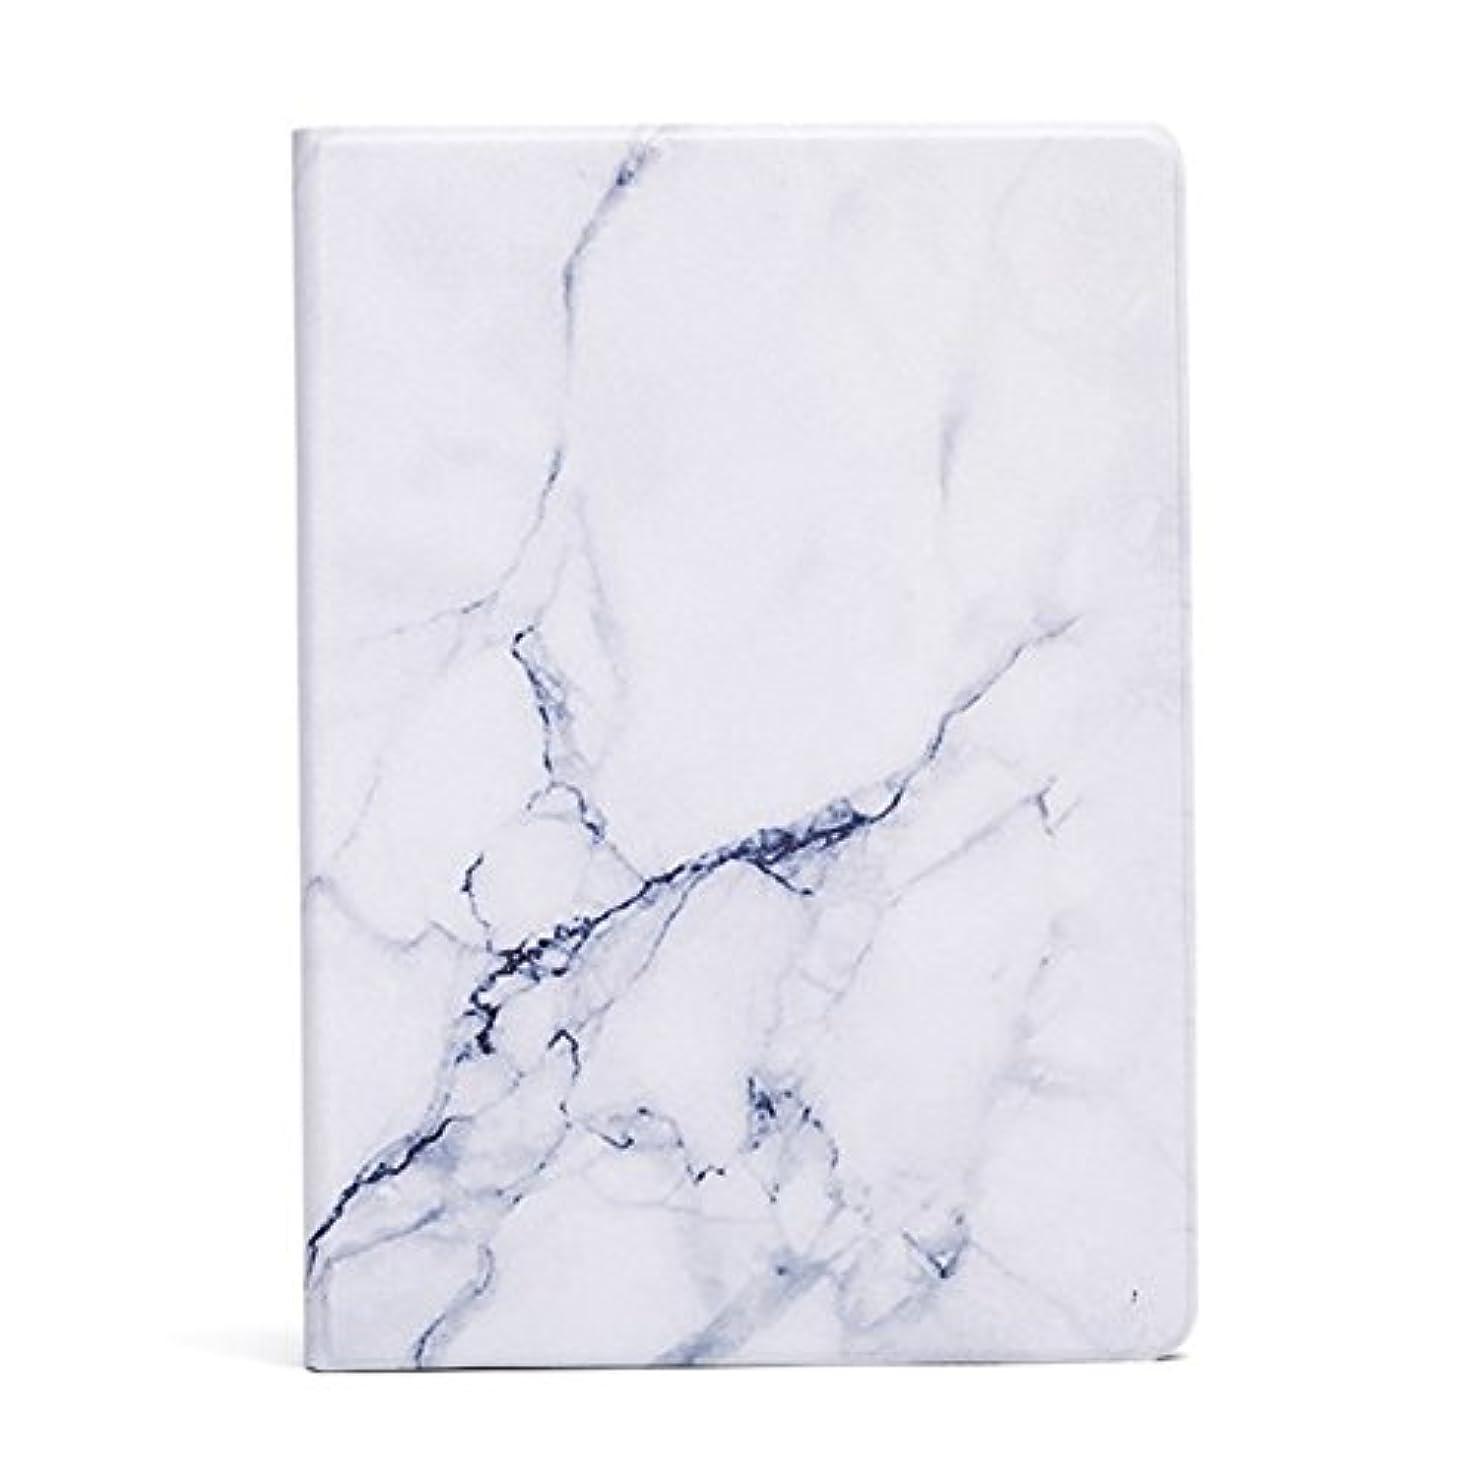 人工ファウルスポーツマンSpinas(スピナス) iPad カバー 大理石風 スタンド ケース カバー マーブル模様 iPad / 2017年9.7インチ / iPad mini/iPad Air 全2色(ブラック ホワイト)